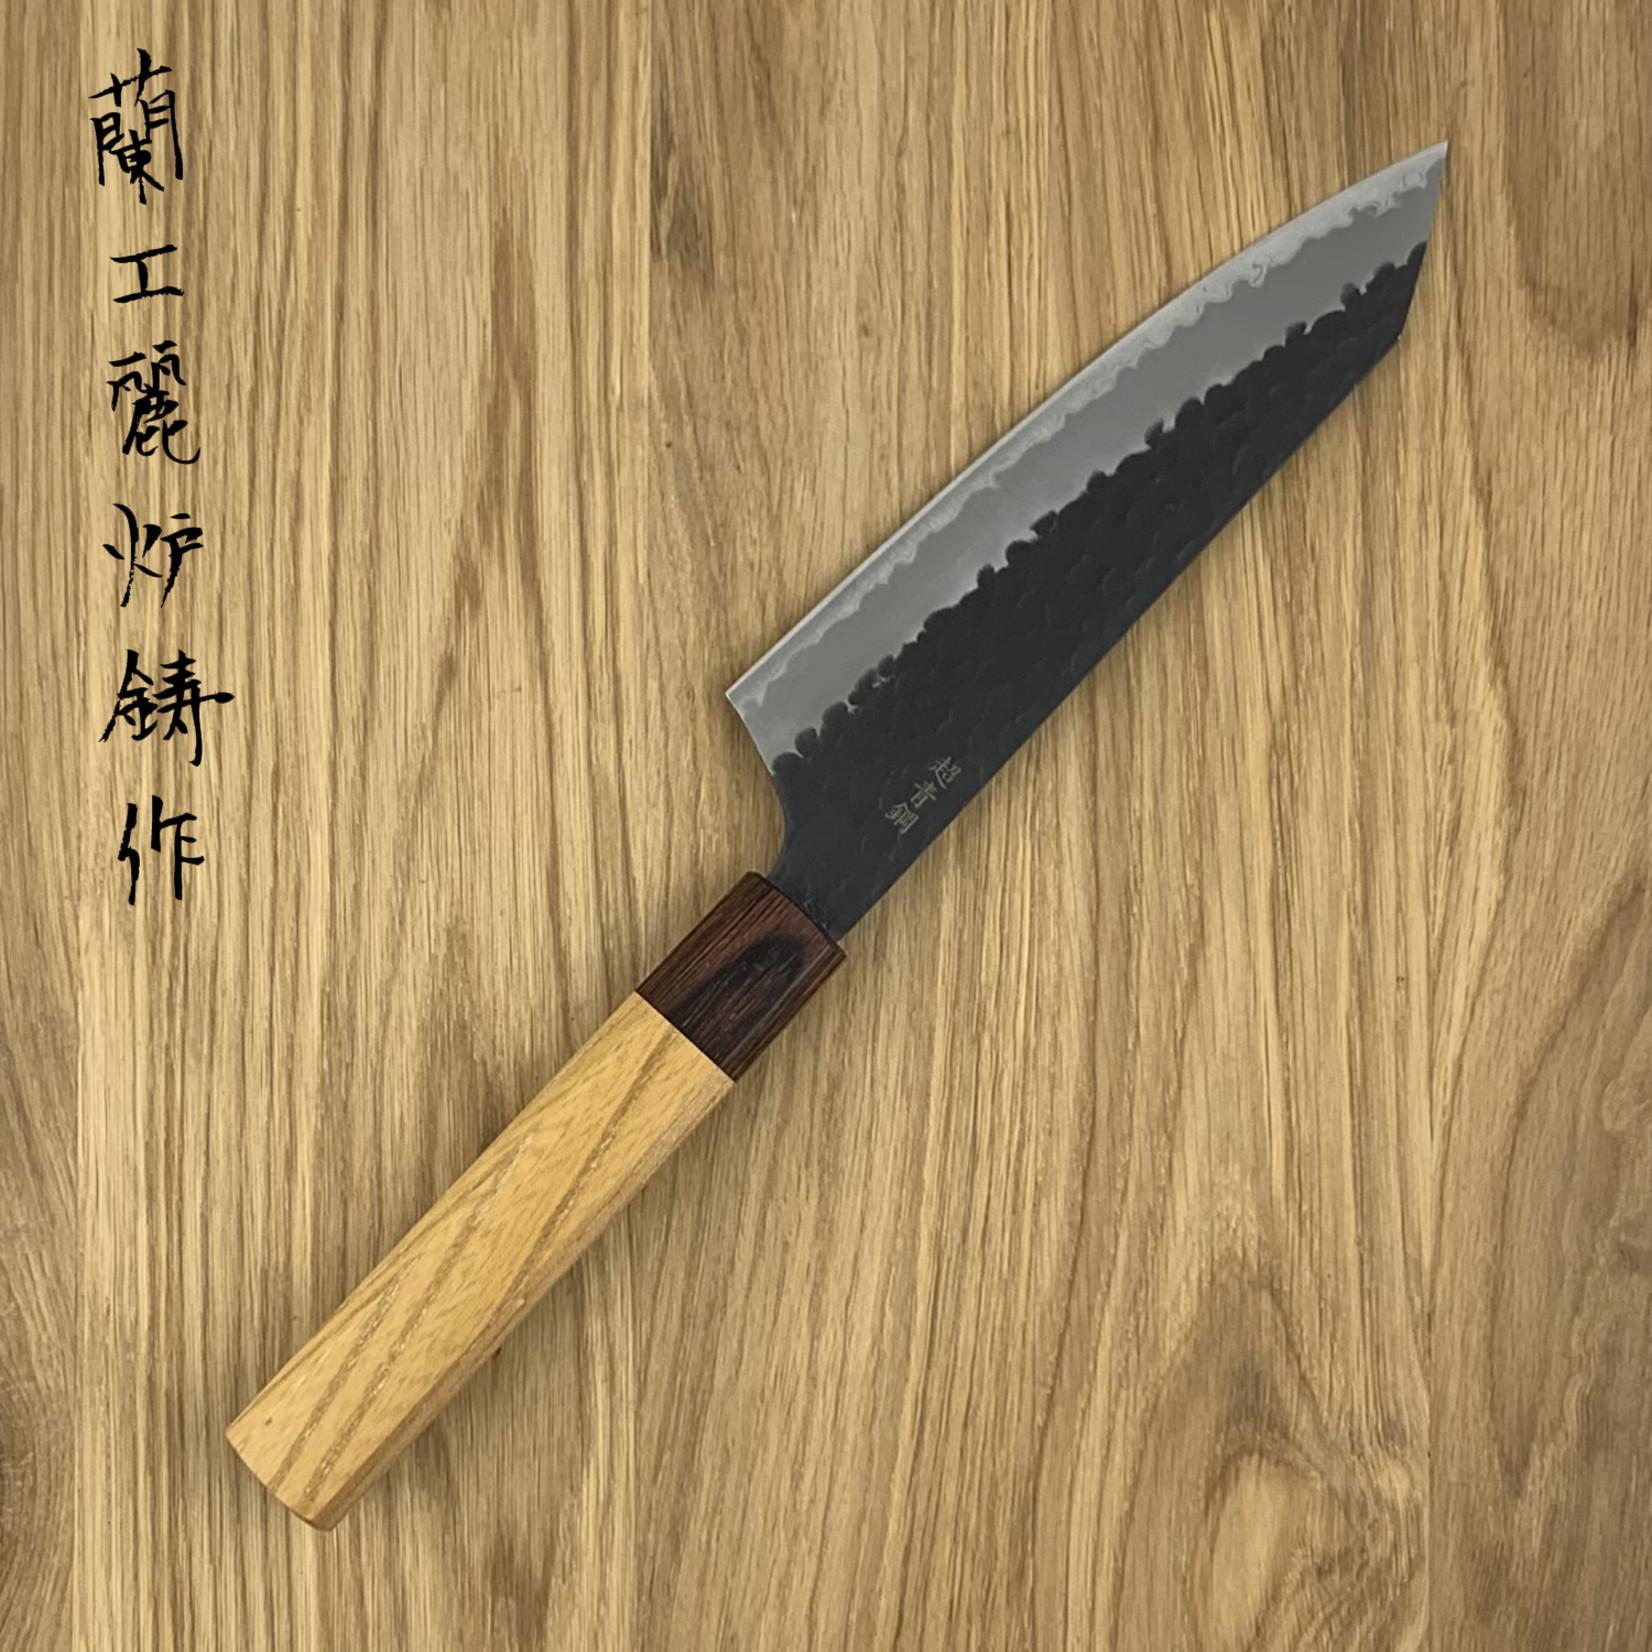 SAKAI TAKAYUKI Kengata 160 mm 3 layers hammered AS+ Zelkova 01191